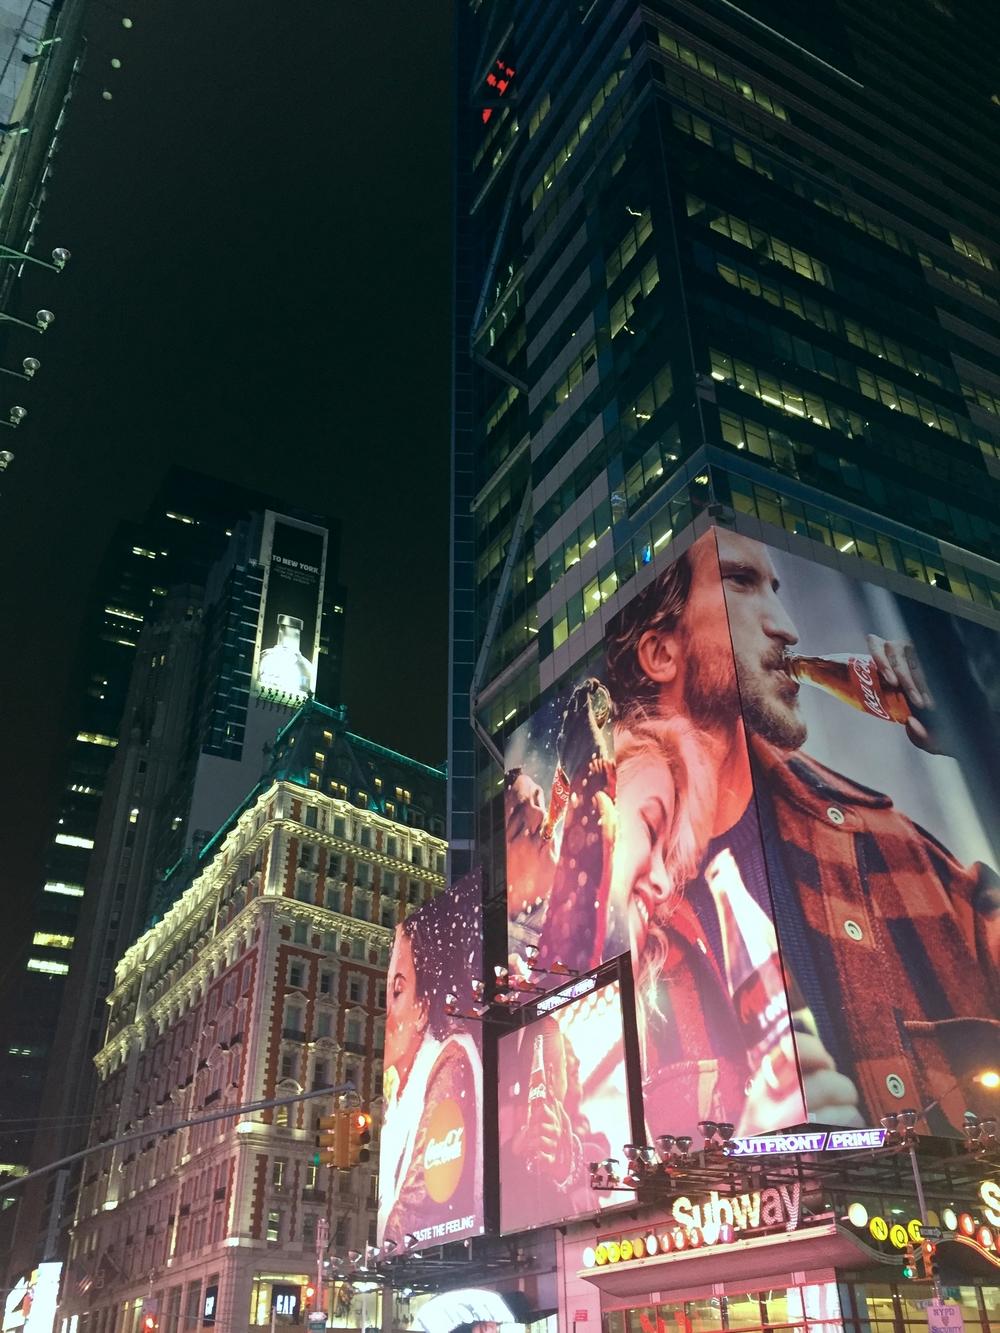 Hochaus in New York mit Coca-Cola Werbefläche